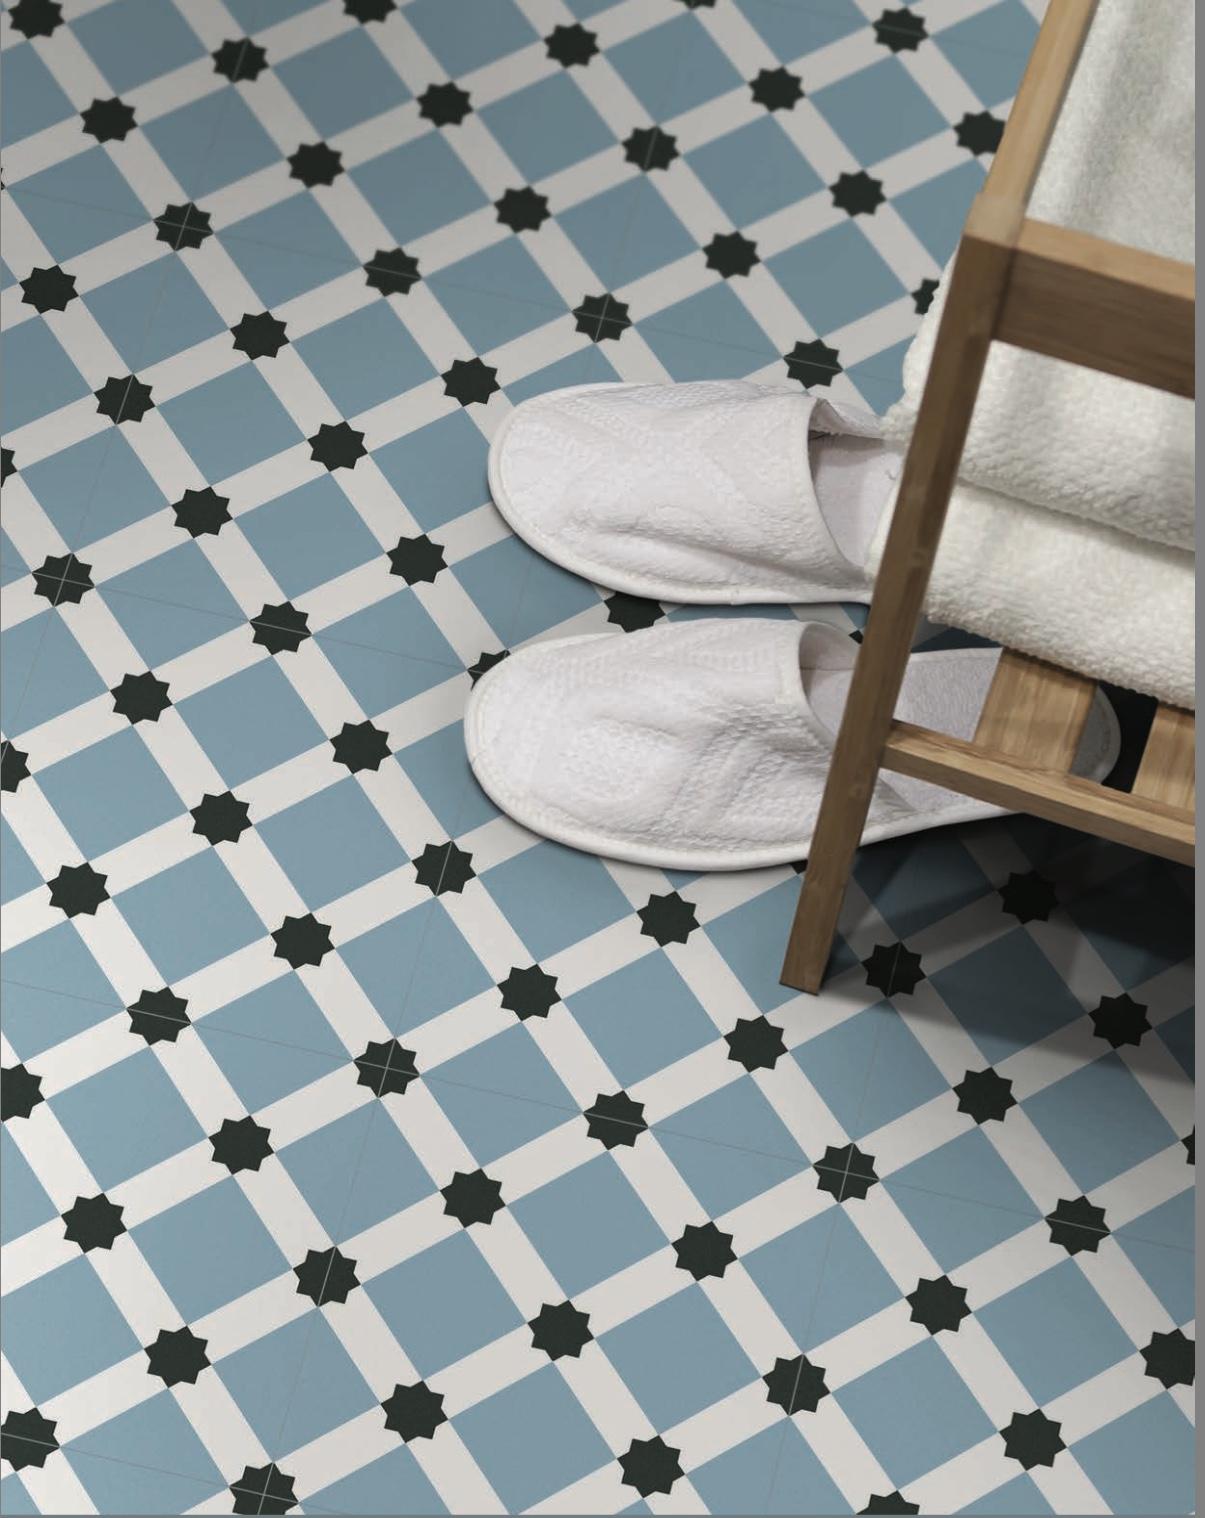 Waxman Ceramics Barcelona – Night Decor 250mm x 250mm x 8mm – The ...